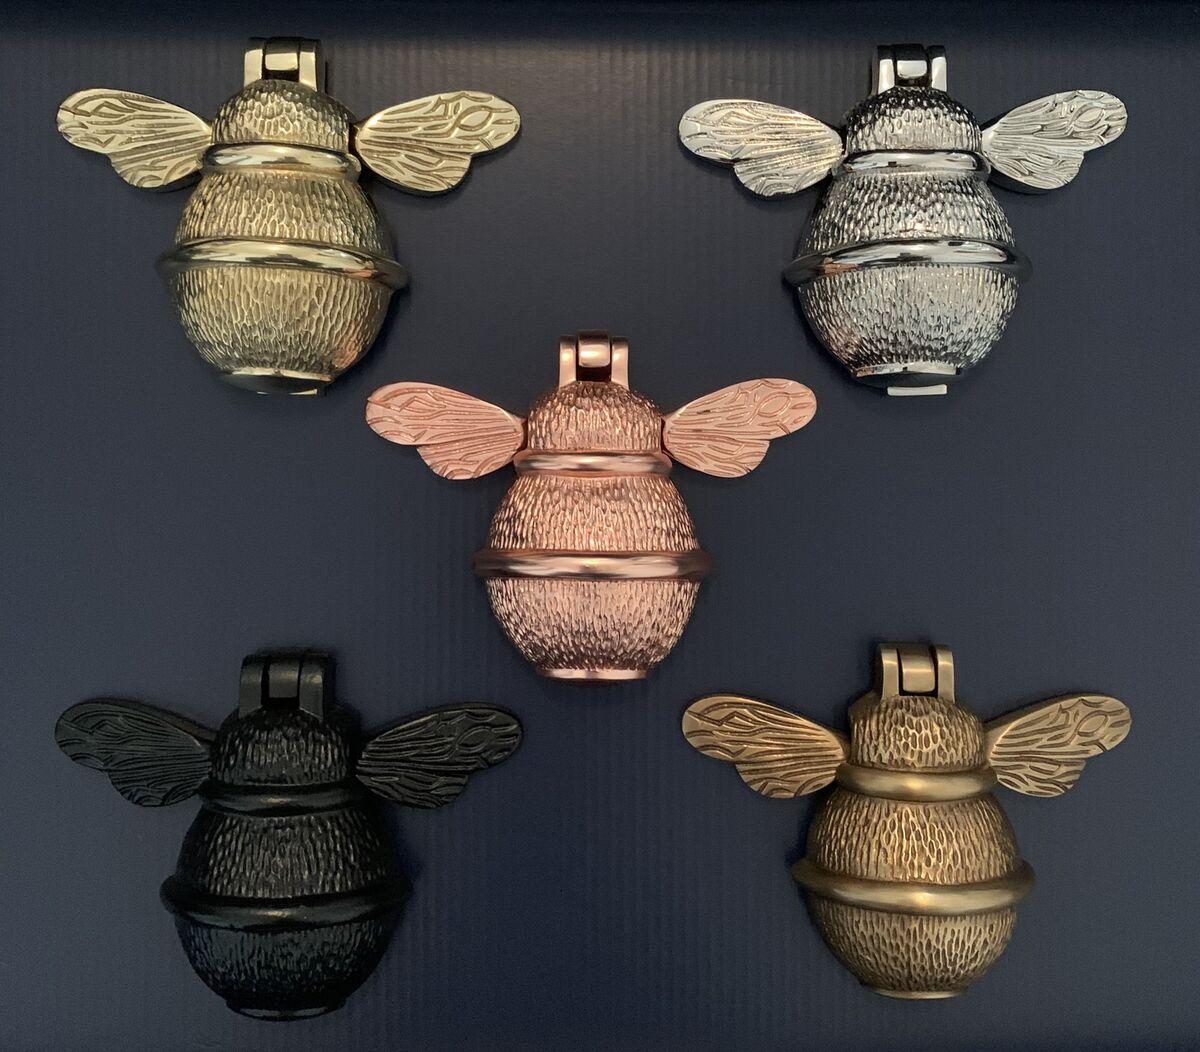 brassbees